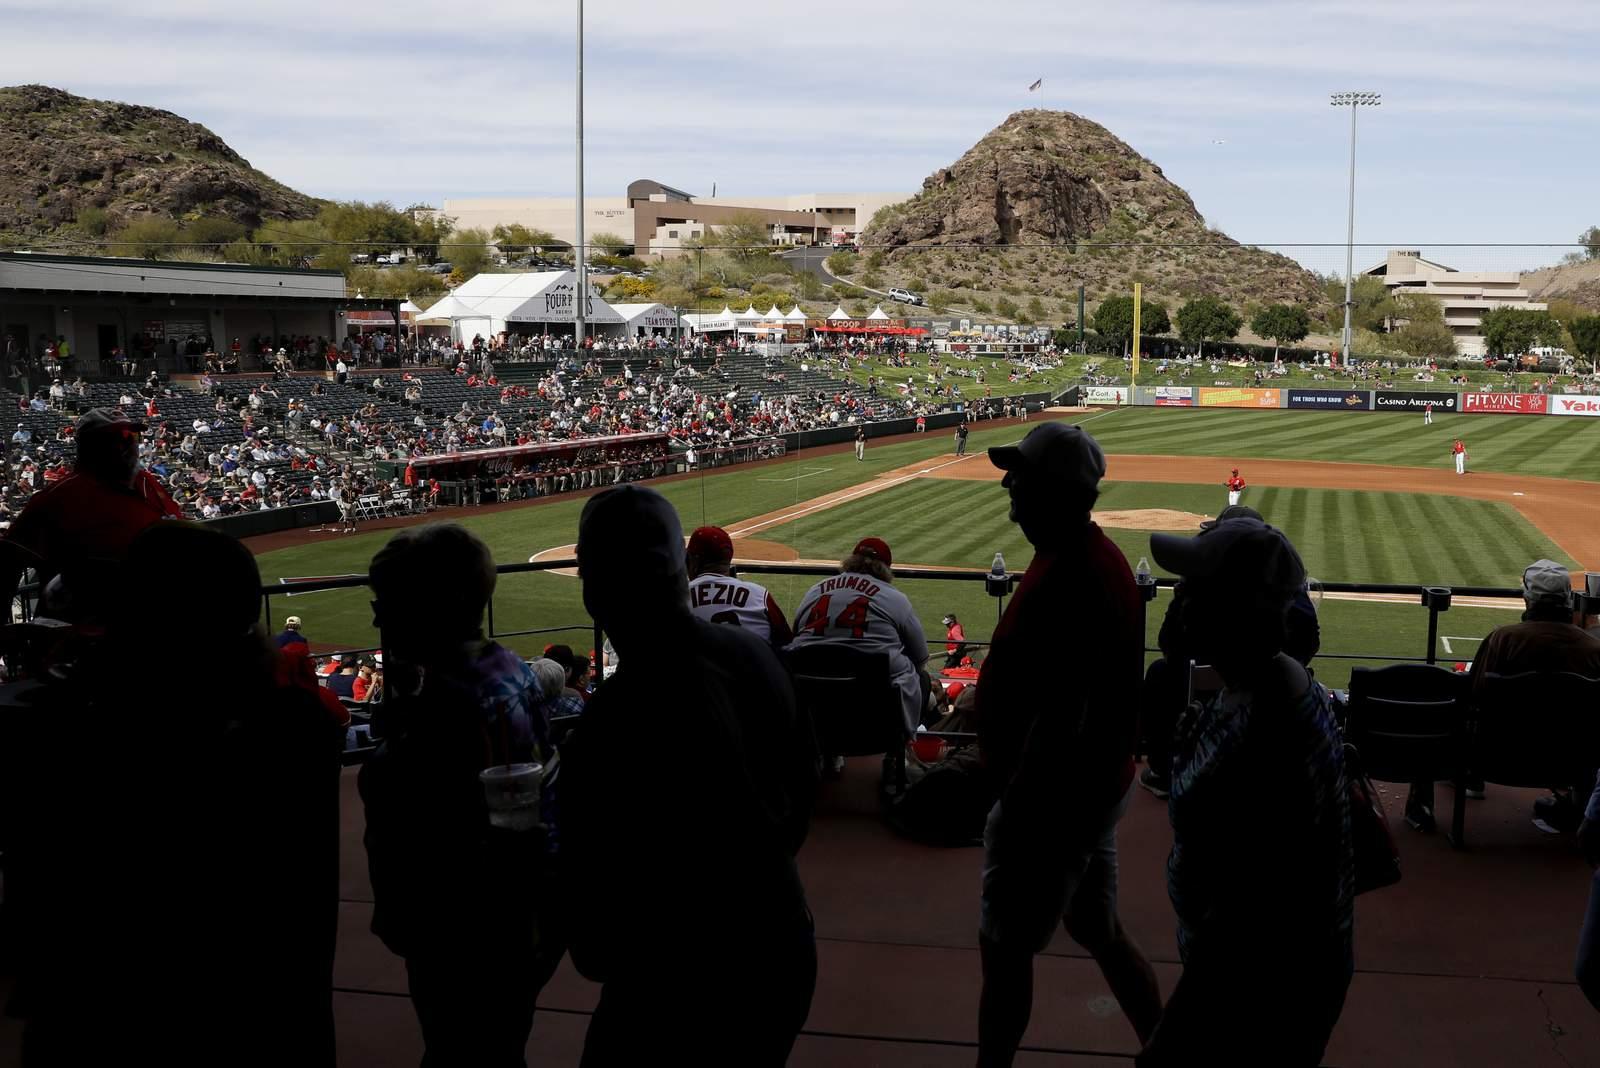 MLB, sindicato discuten jugar todos los juegos en Arizona 38